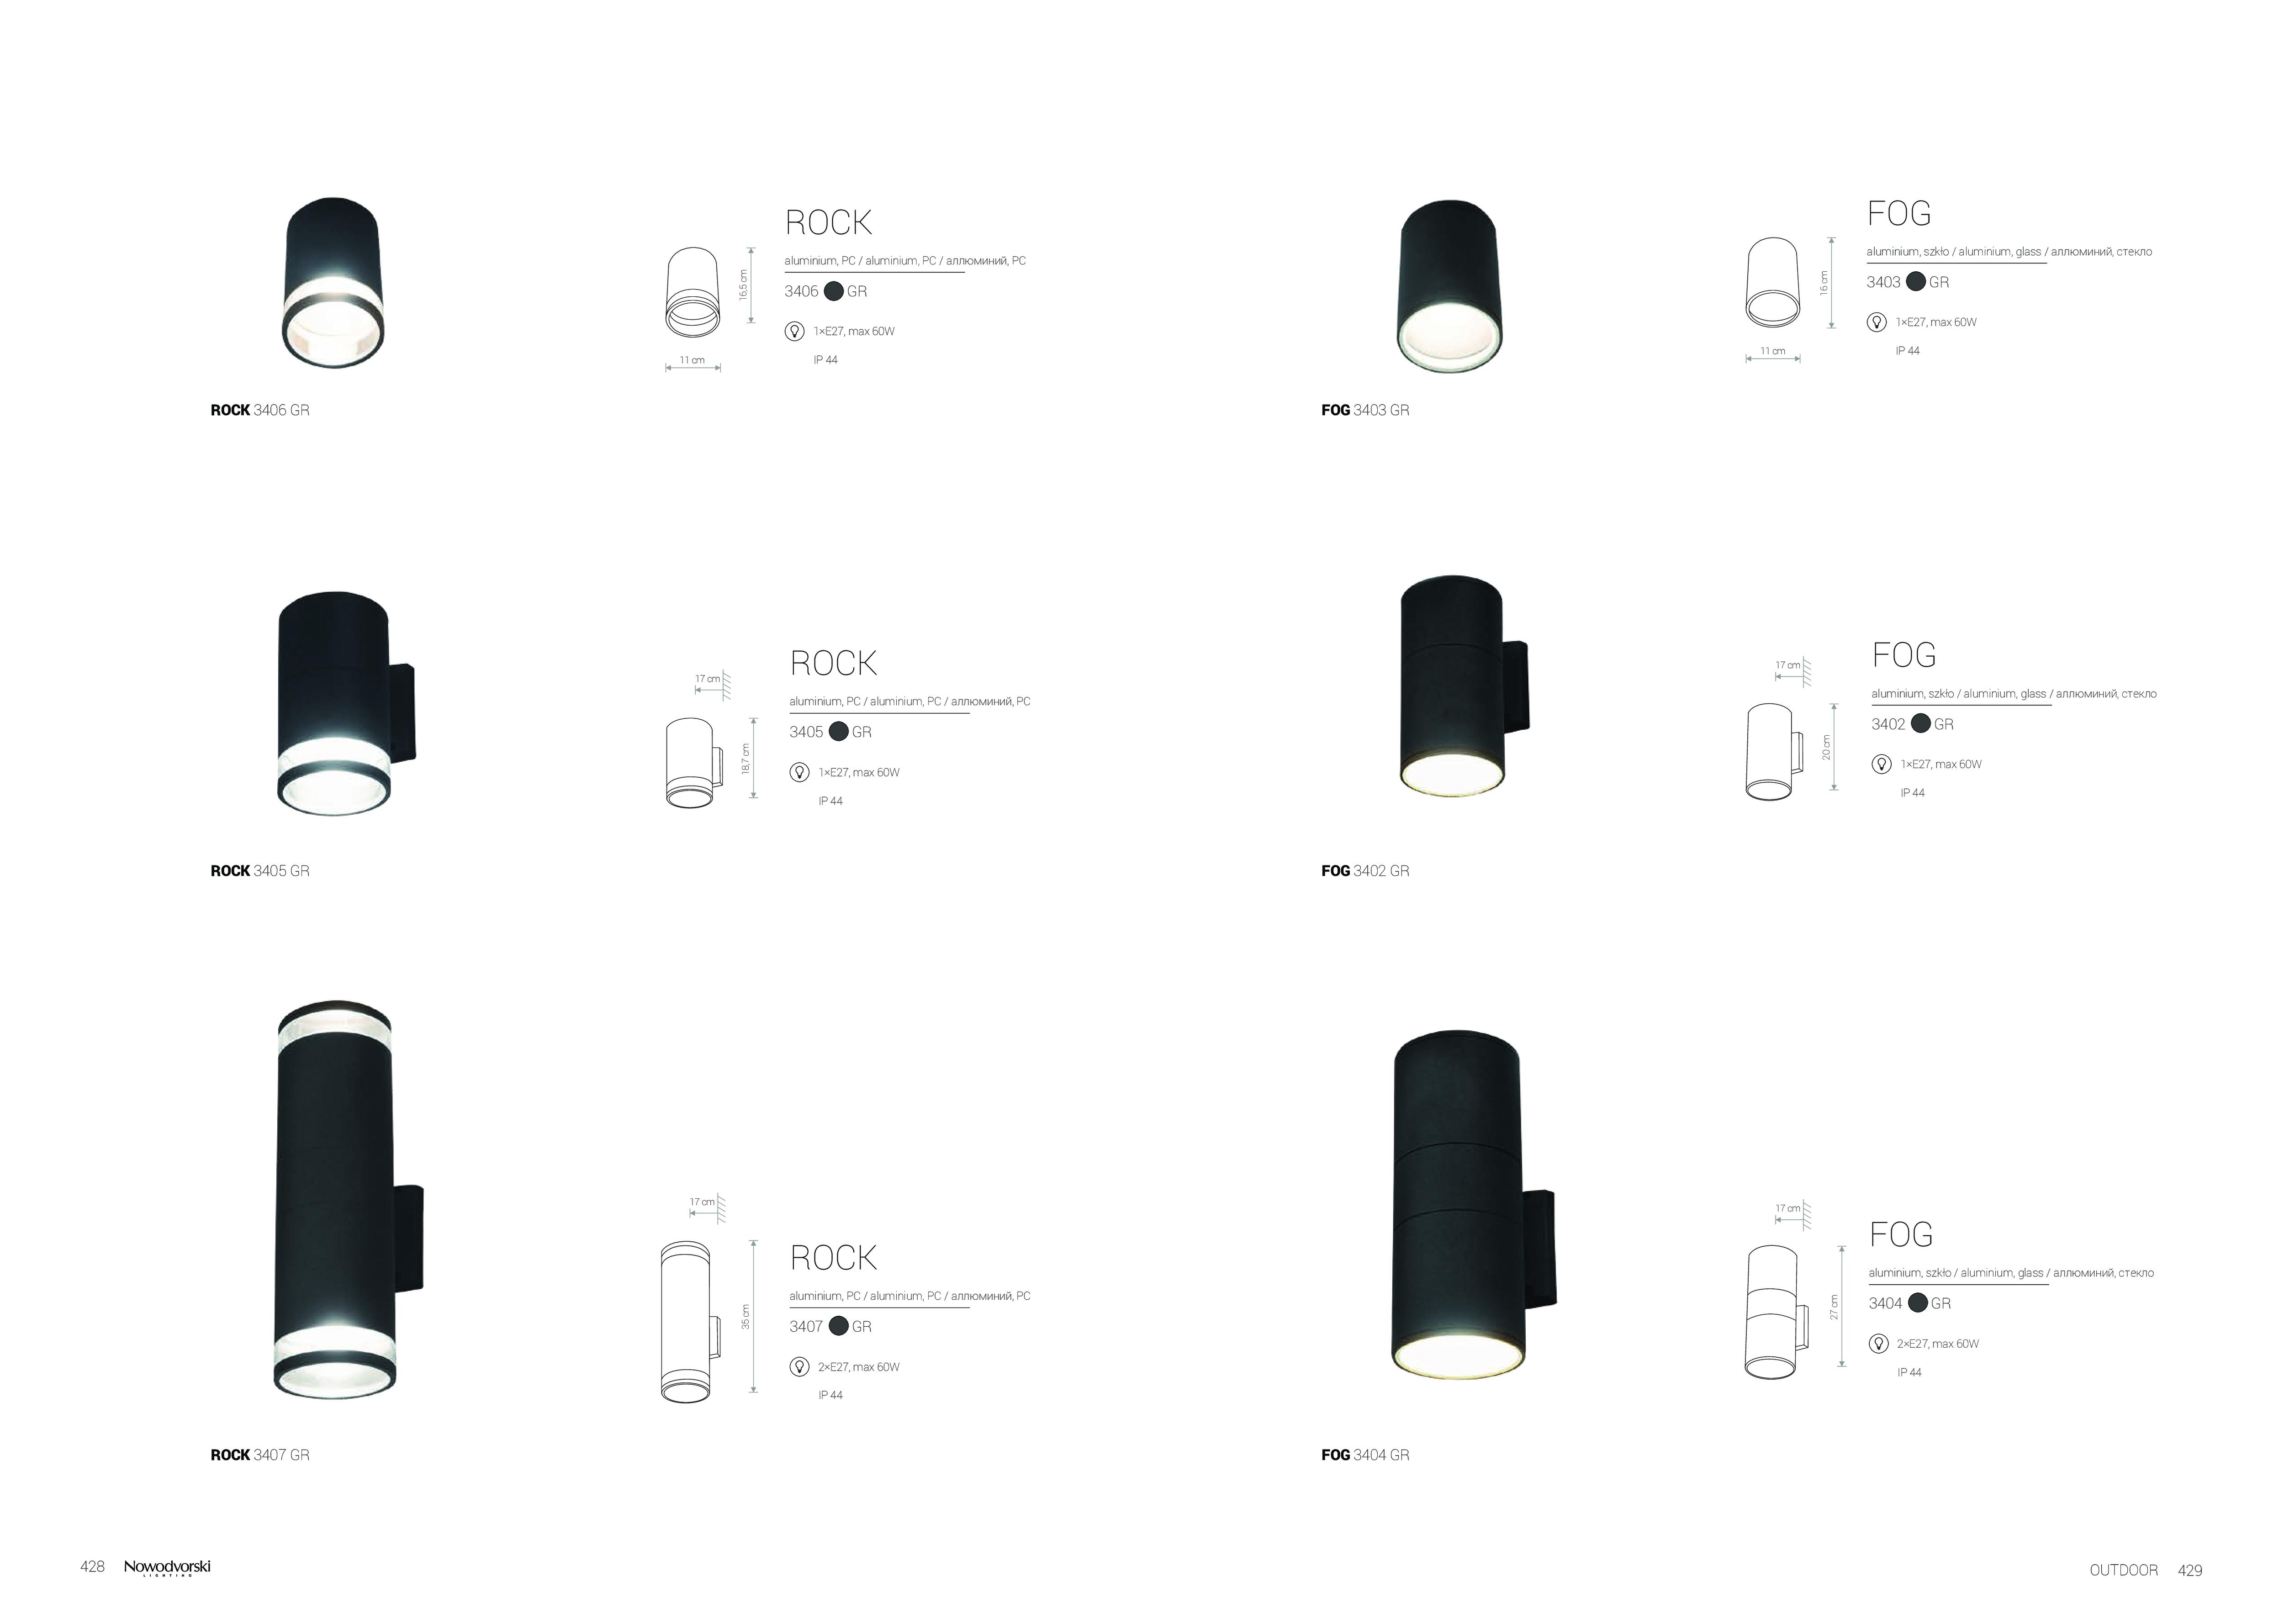 Настенный светильник Nowodvorski Rock 3407, IP44, 2xE27x60W, черный, черный с прозрачным, металл, металл со стеклом, стекло - фото 6